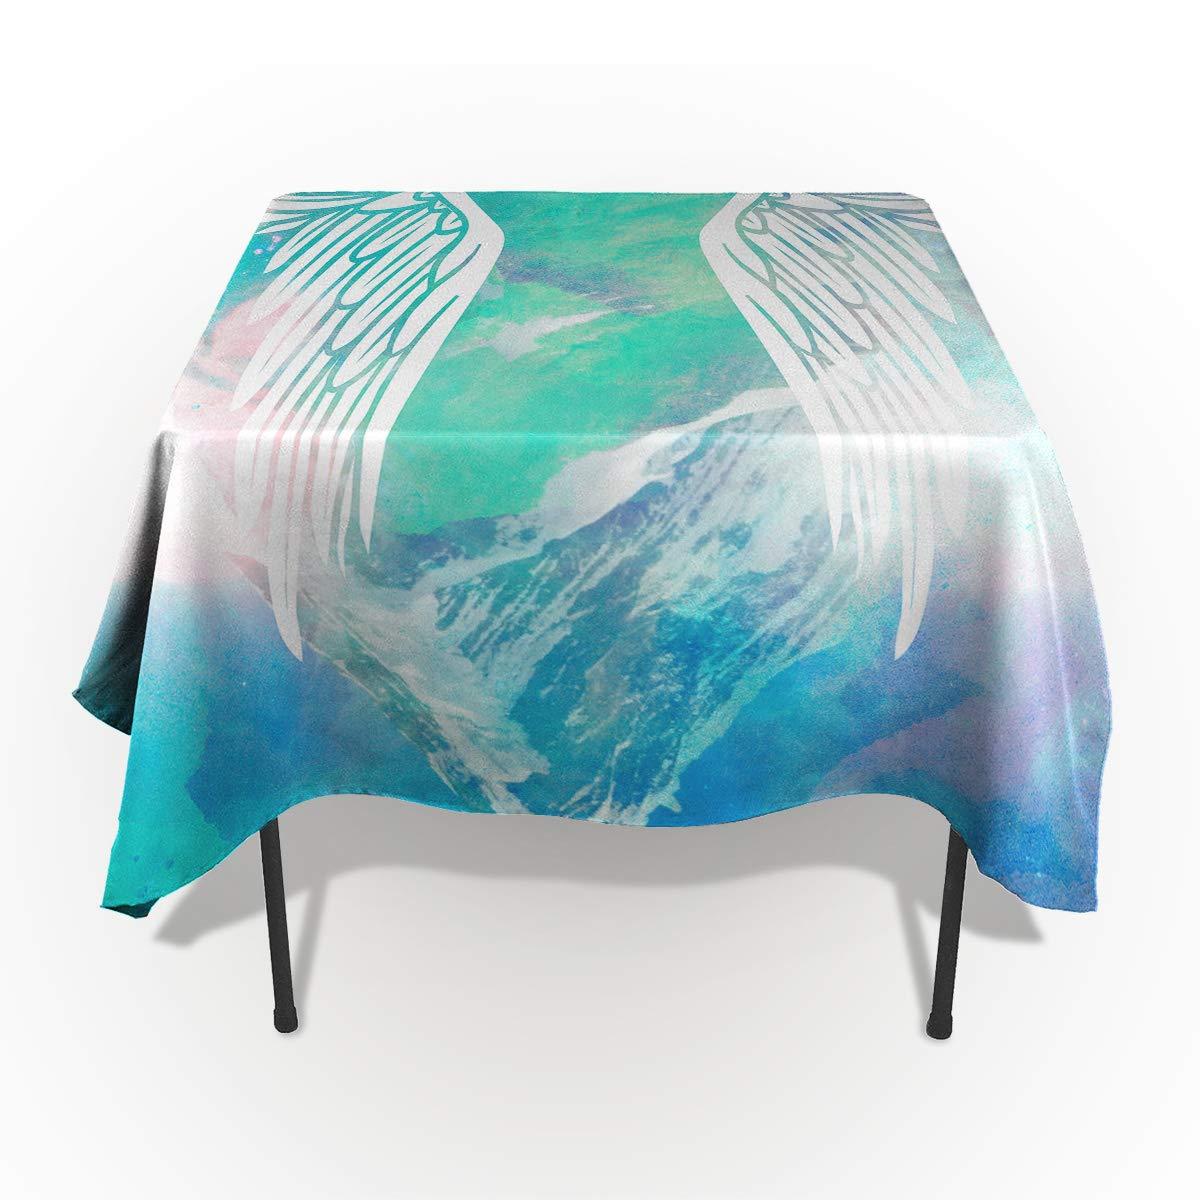 長方形ポリエステルテーブルクロス 宇宙 ギャラクシー 星空 ユニコーン テーブルクロス 洗濯機洗い可能 テーブルカバー キッチン ダイニング 宴会 パーティー 60